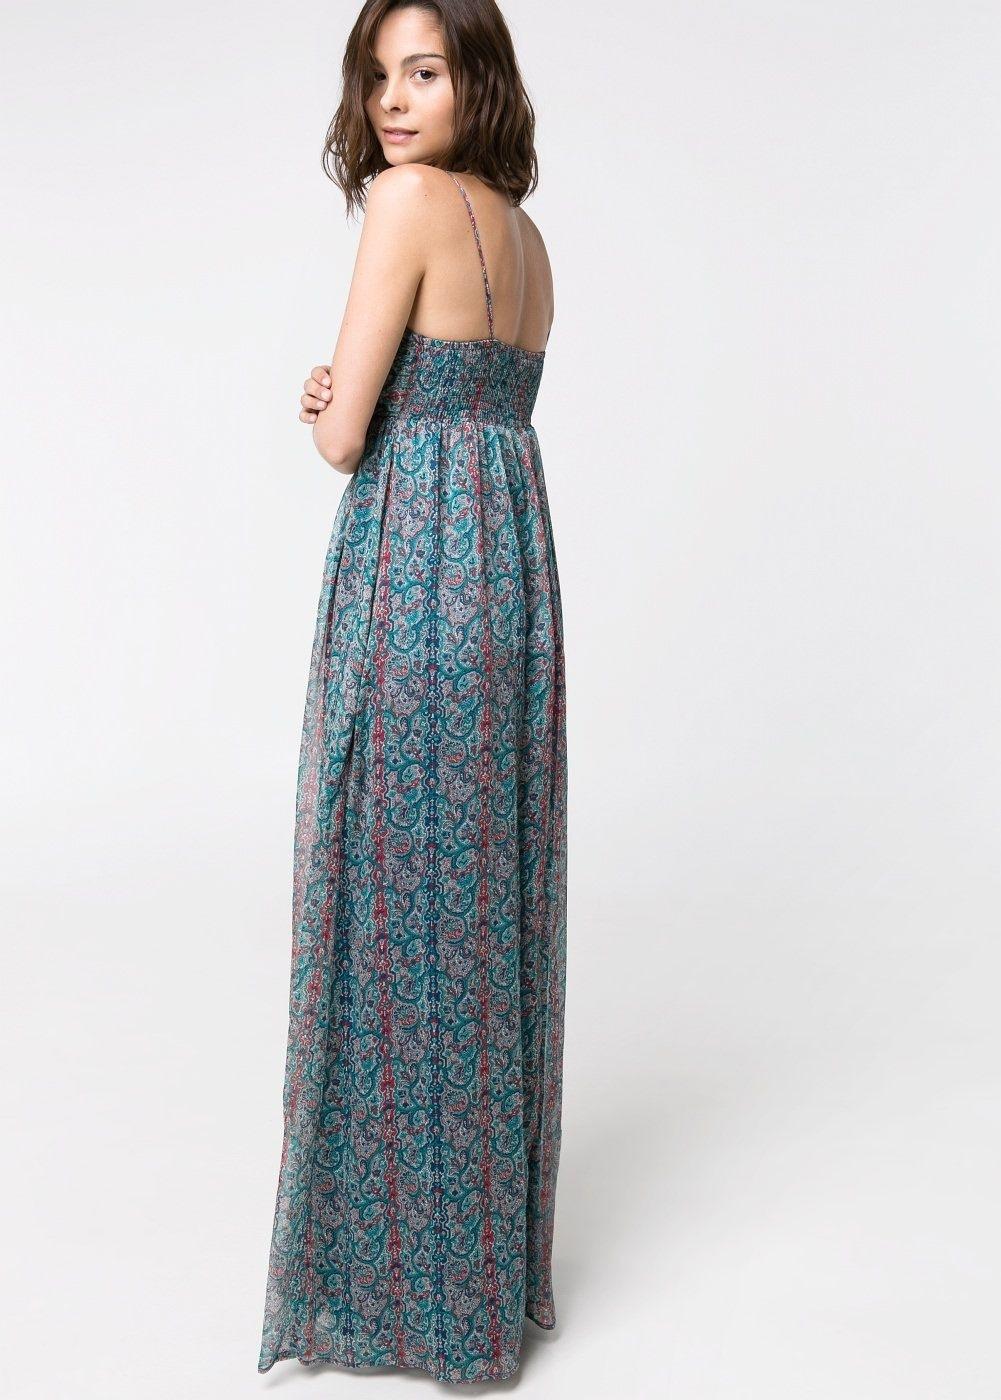 Designer Schön Langes Blumenkleid VertriebDesigner Luxus Langes Blumenkleid Design